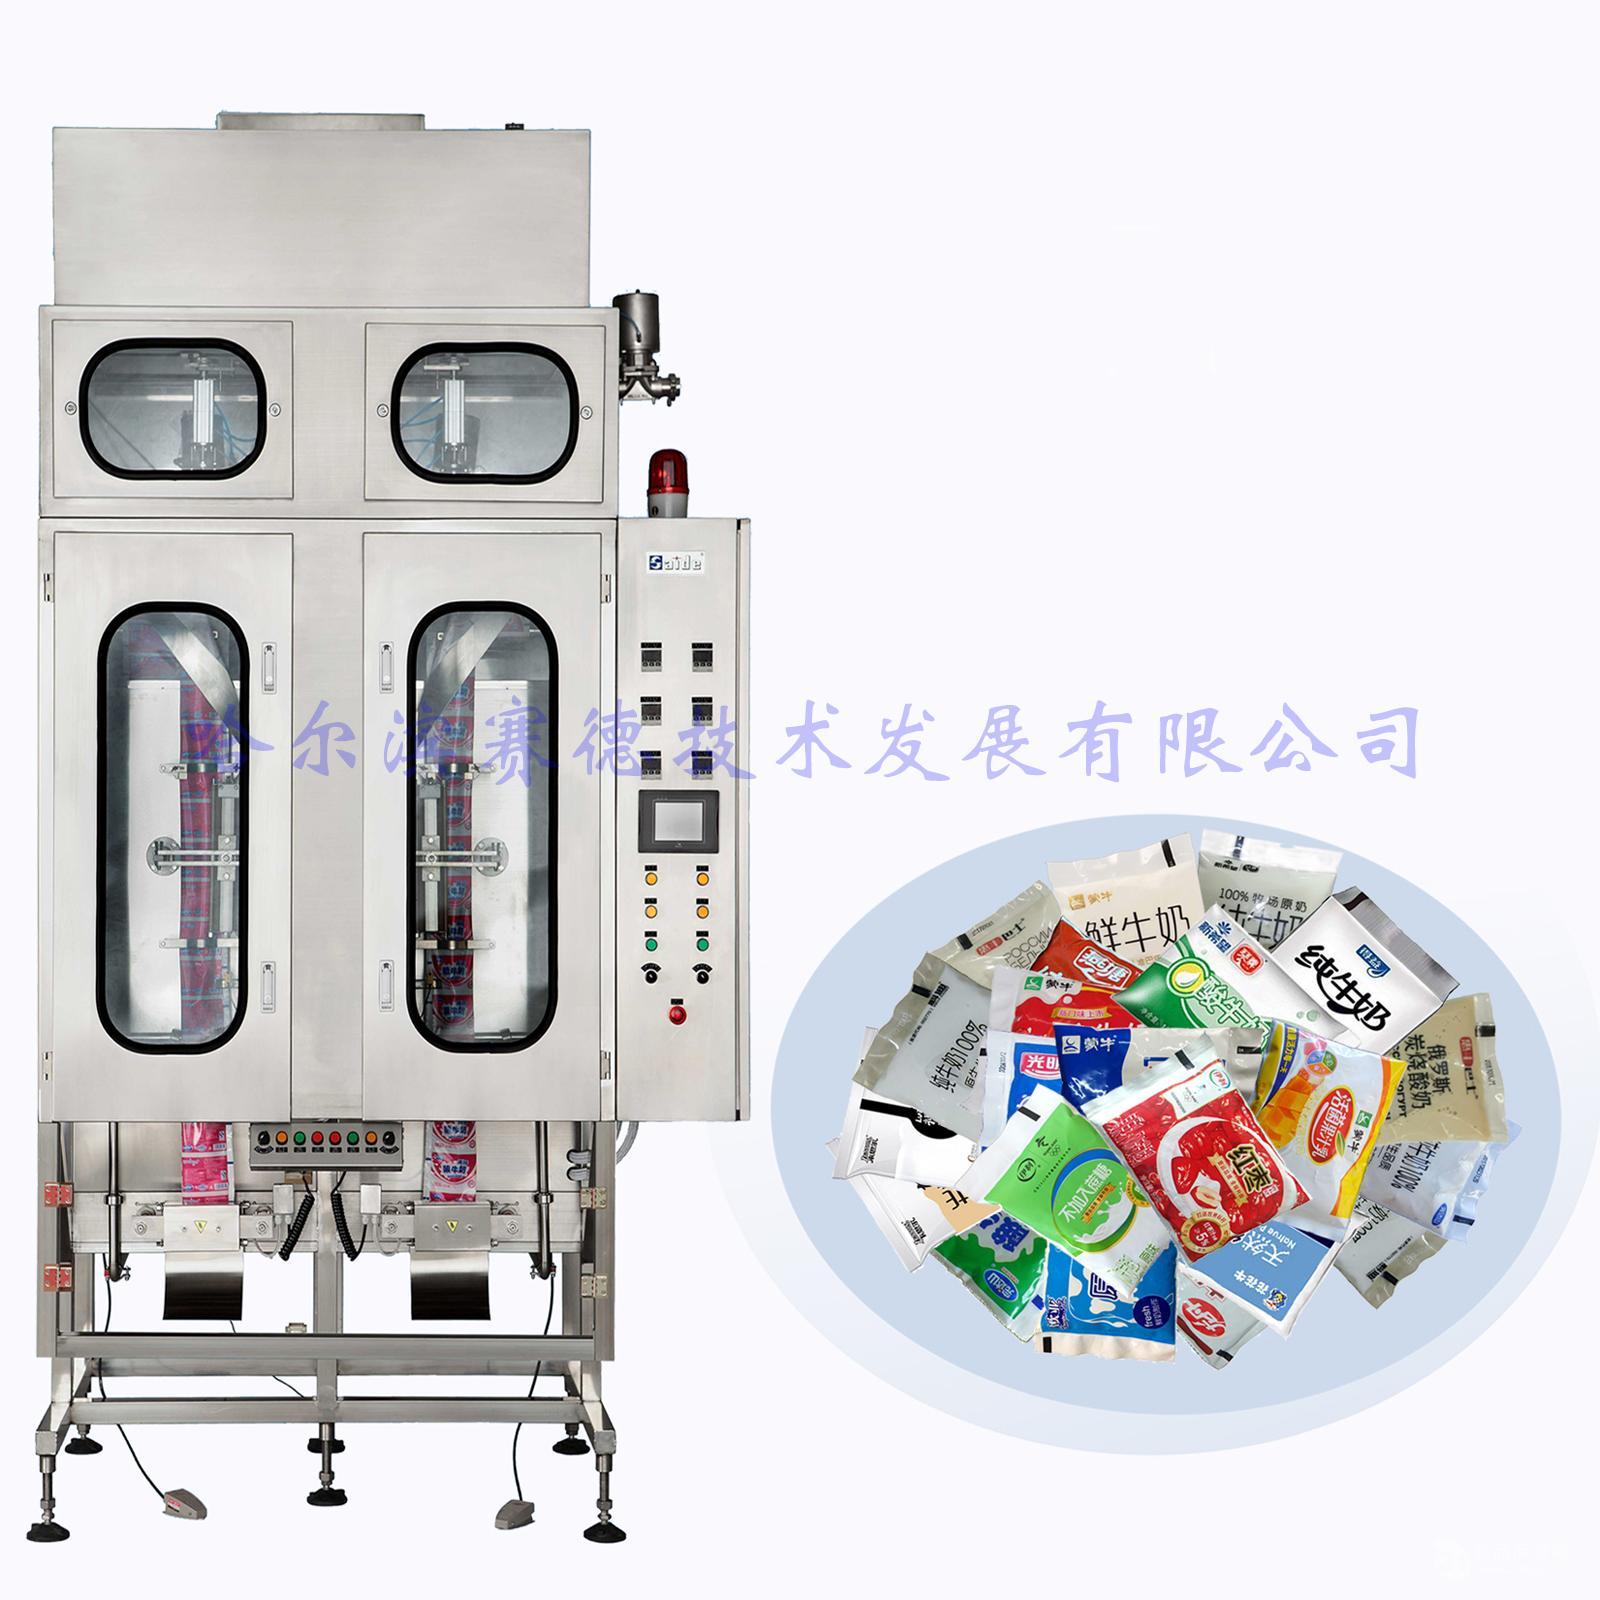 赛德 乳品包装机 百级洁净侧封 7000~9000袋/小时